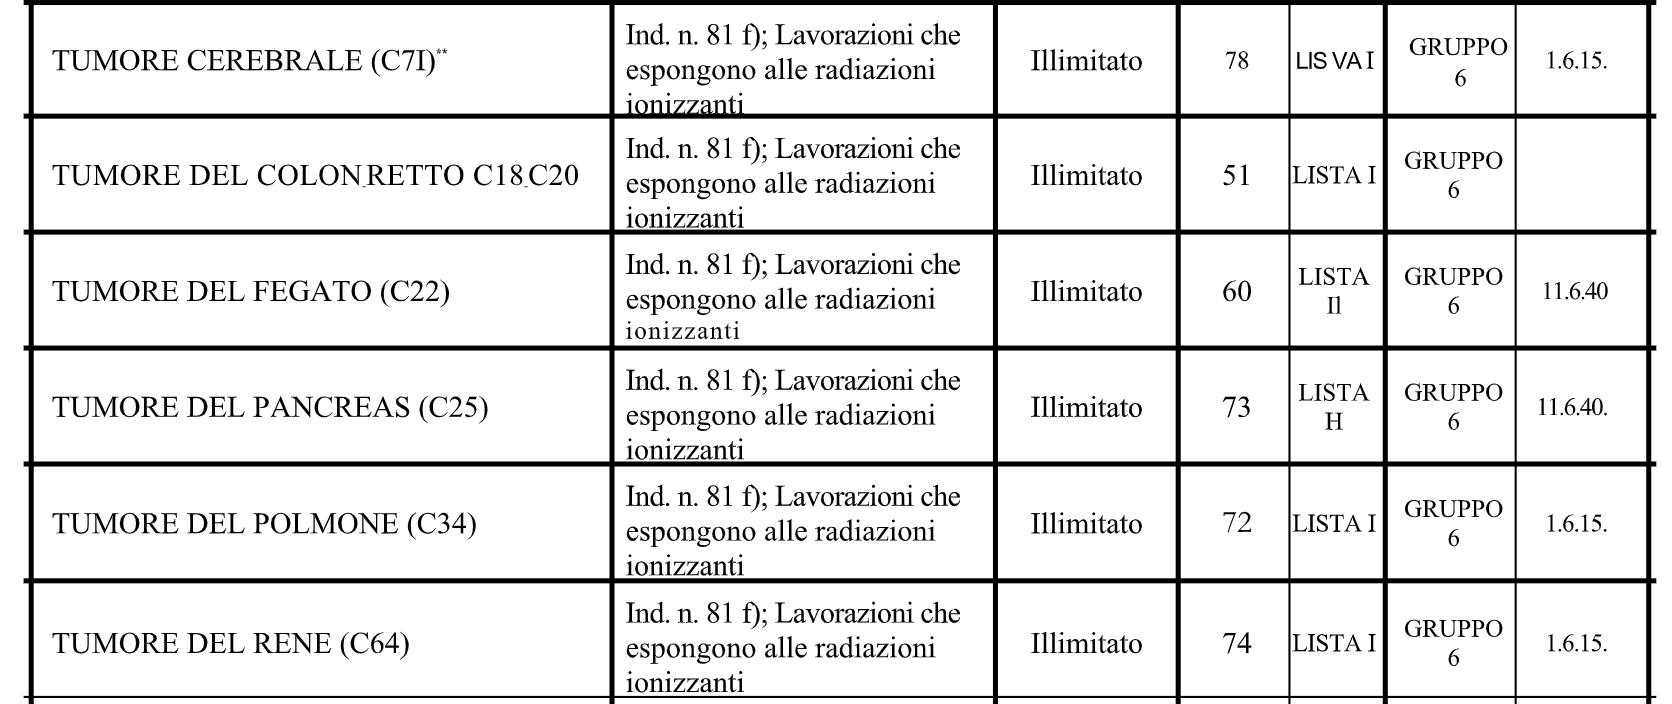 malattie causate da radiazioni ionizzanti